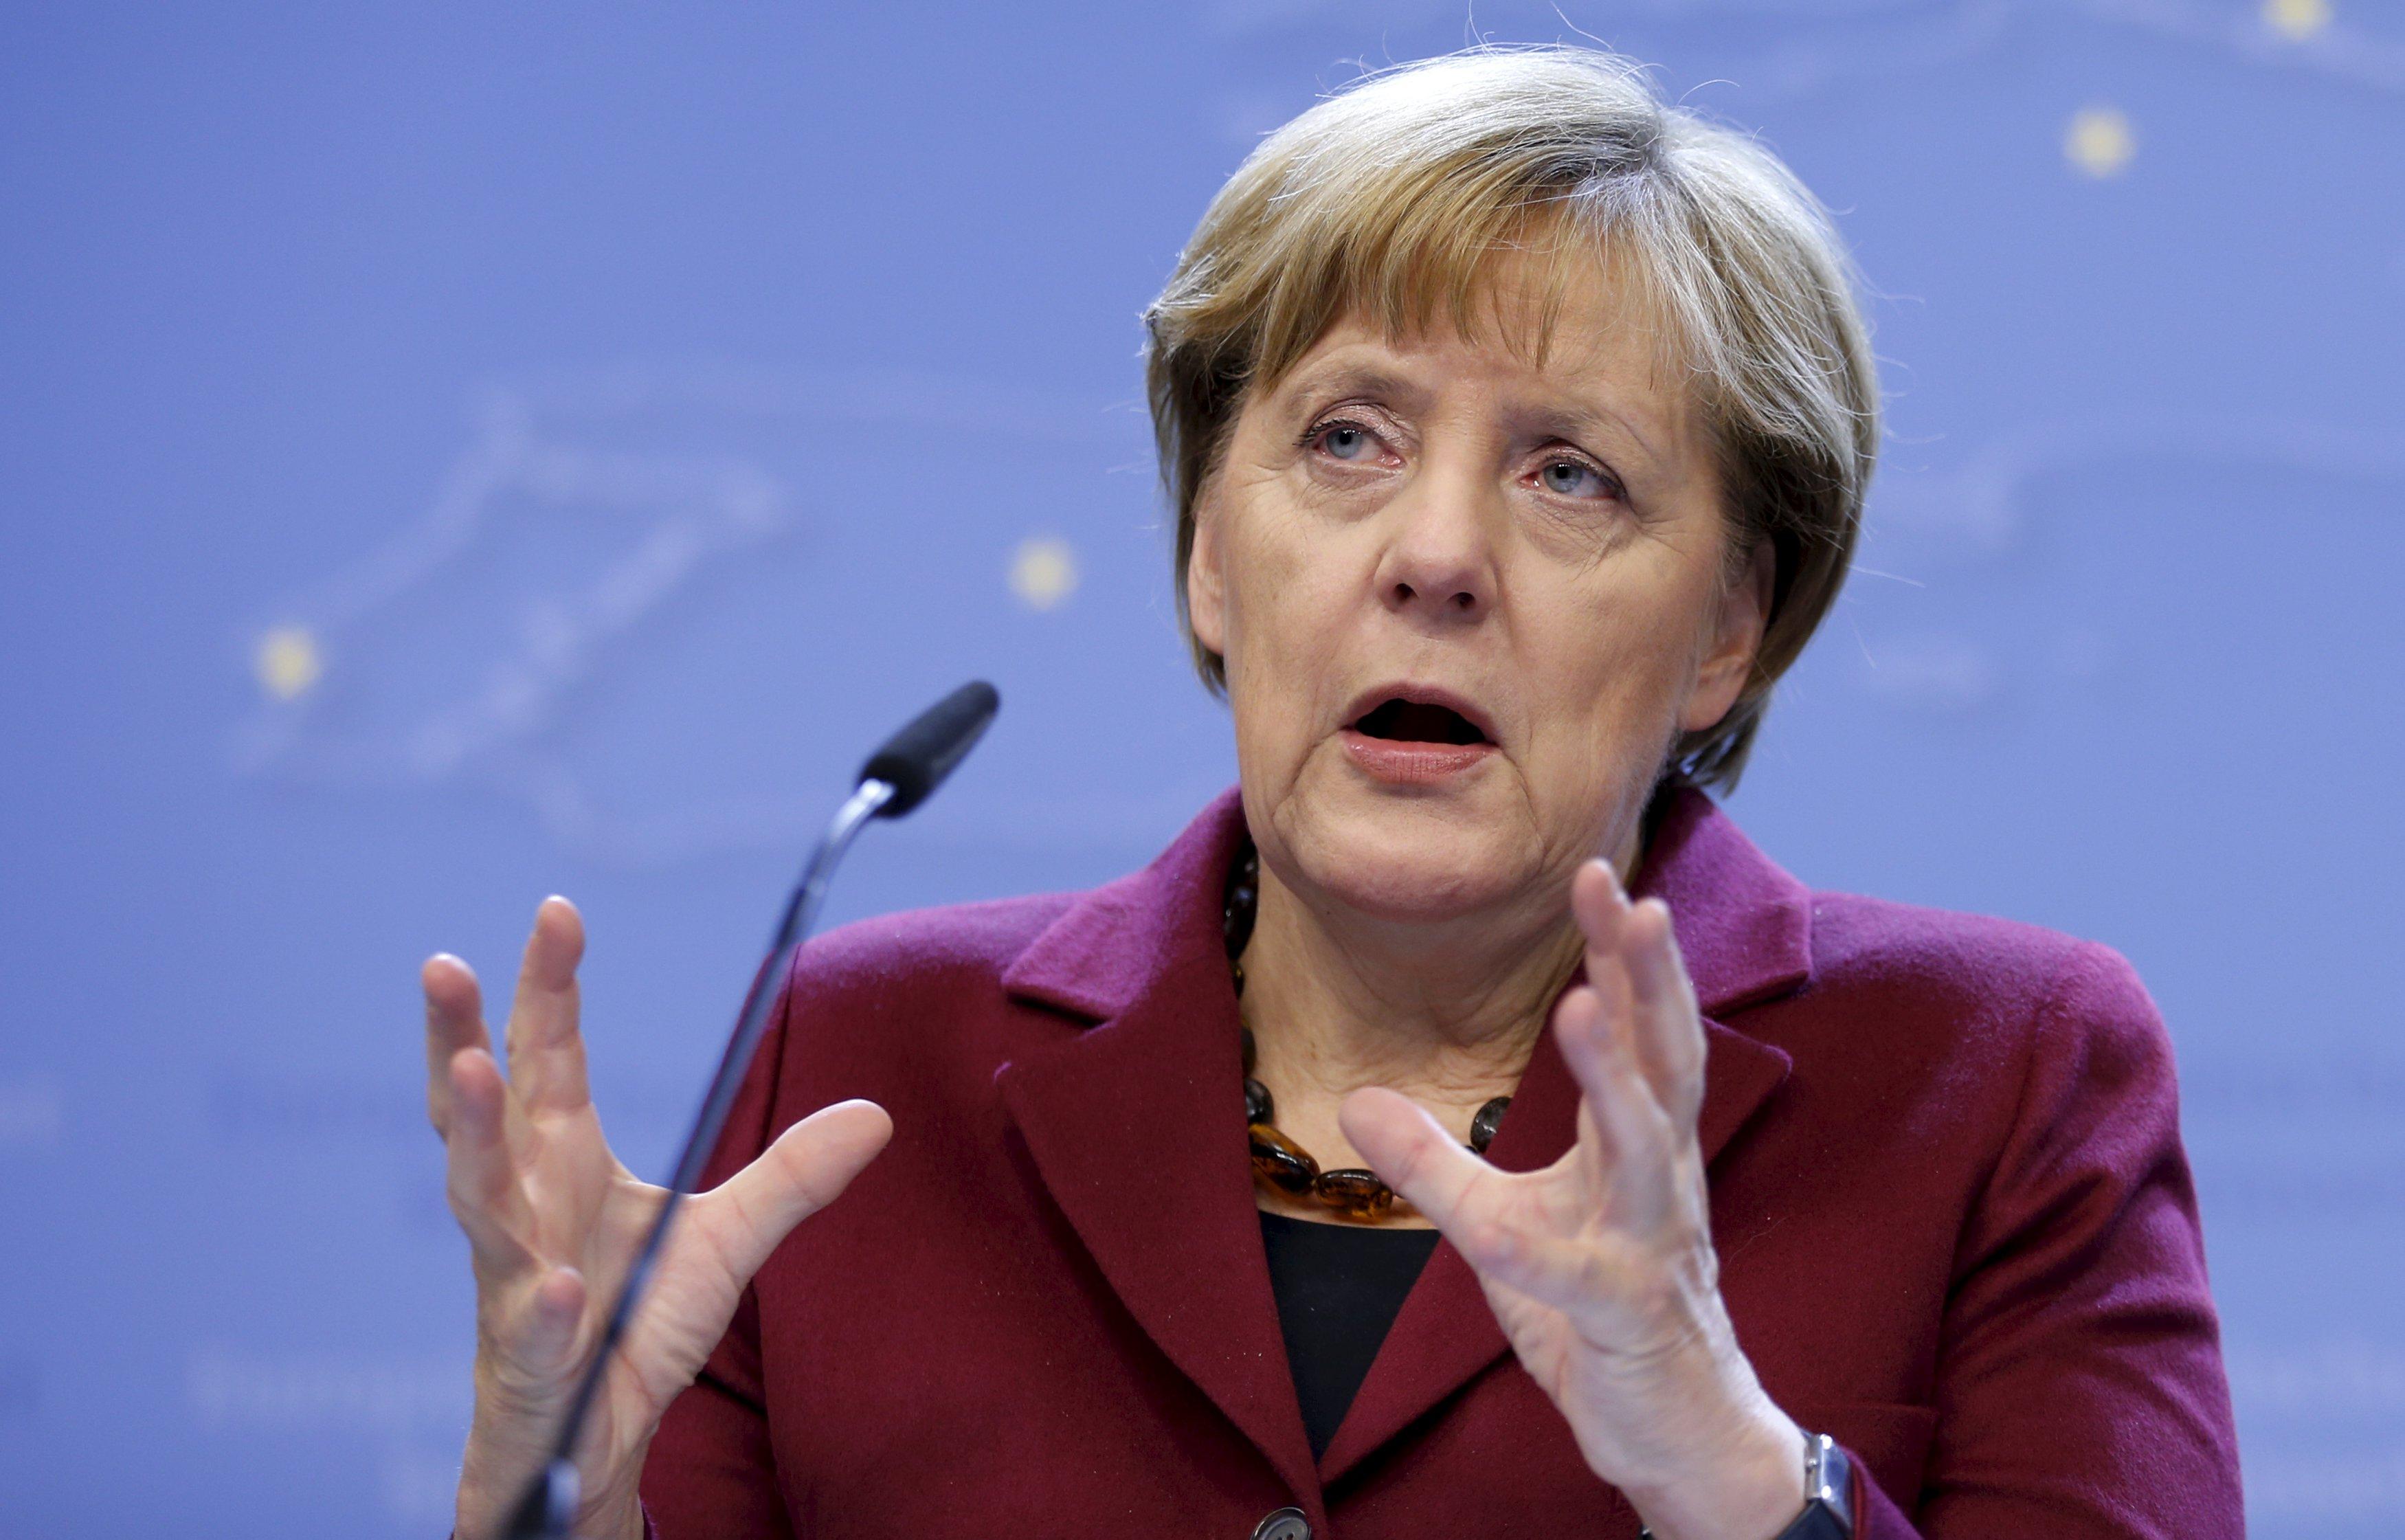 Kanselir Jerman Angela Merkel memberikan konferensi setelah pertemuan puncak pemimpin Uni Eropa di Brussels, Belgia, 16 Oktober 2015. Uni Eropa menyatakan mempertimbangkan bantuan finansial sebesar 3 milyar euro kepada Turki untuk membantu mereka menangani pengungsi Suriah agar tetap di Turki dan mencegah mereka pergi ke Eropa, kata Merkel pada hari Jumat.  ANTARA FOTO/REUTERS/Francois Lenoir/cfo/15